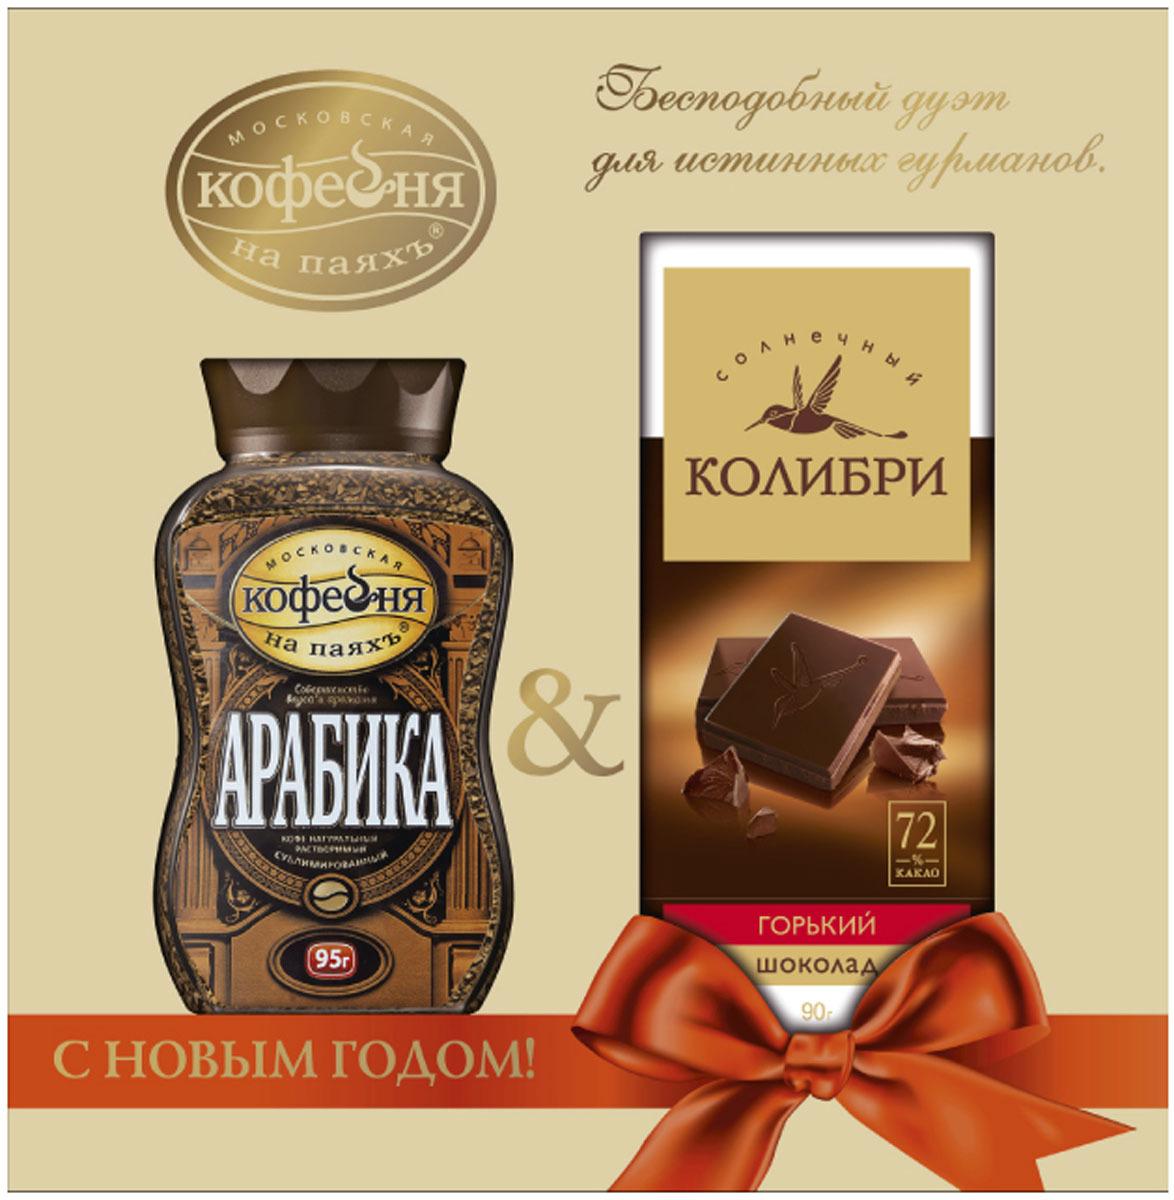 купить Подарочный набор Московская кофейня на паяхъ: кофе натуральный растворимый сублимированный Арабика, 95 г, шоколад горький Солнечный колибри, 90 г недорого